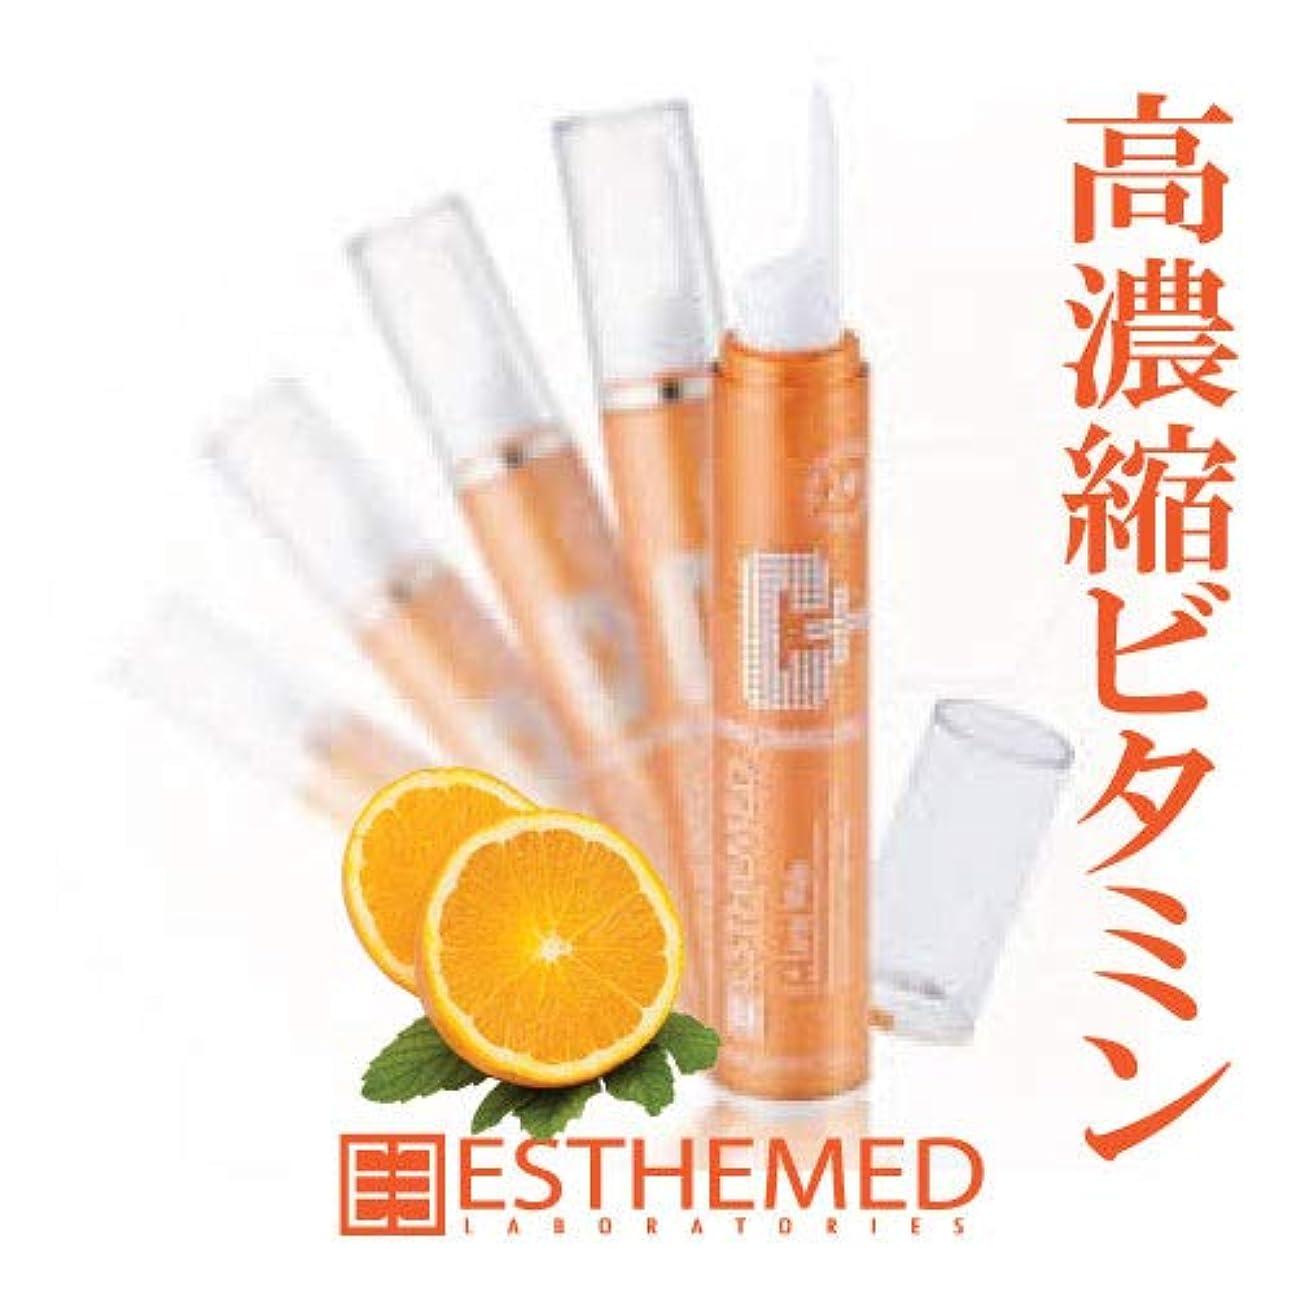 ロケーションシェード徐々に[ESTHEMED][エステメド]純粋なビタミンCの驚くホワイトニングC+レーザーホワイト15ml/ビタミン、Whitening、レーザ